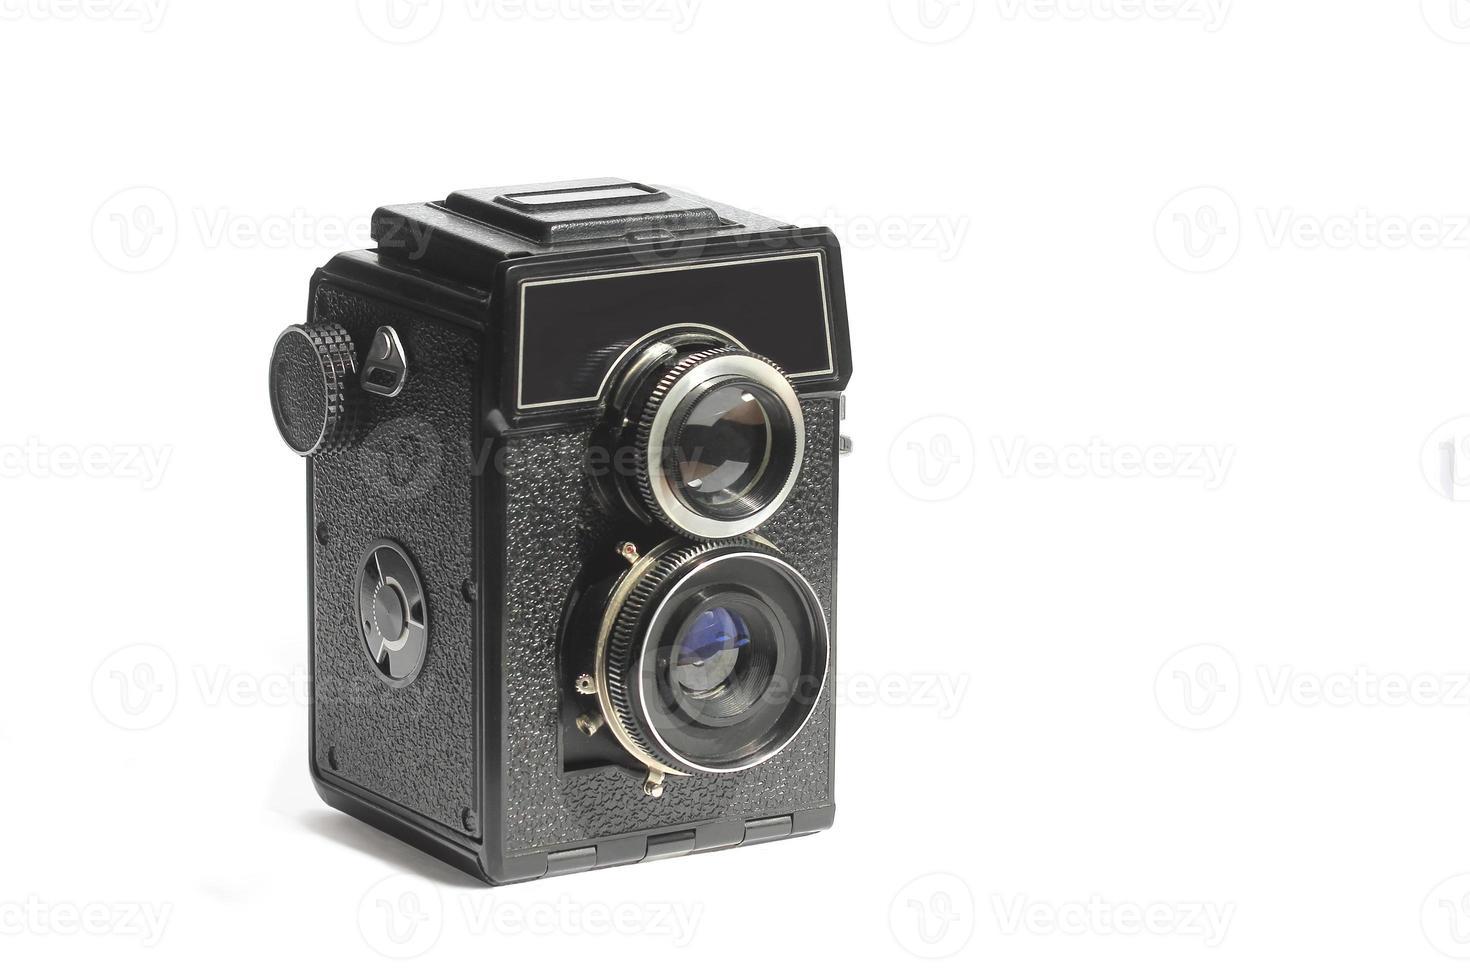 fotocamera a medio formato vintage amatoriale specchio a doppia lente foto